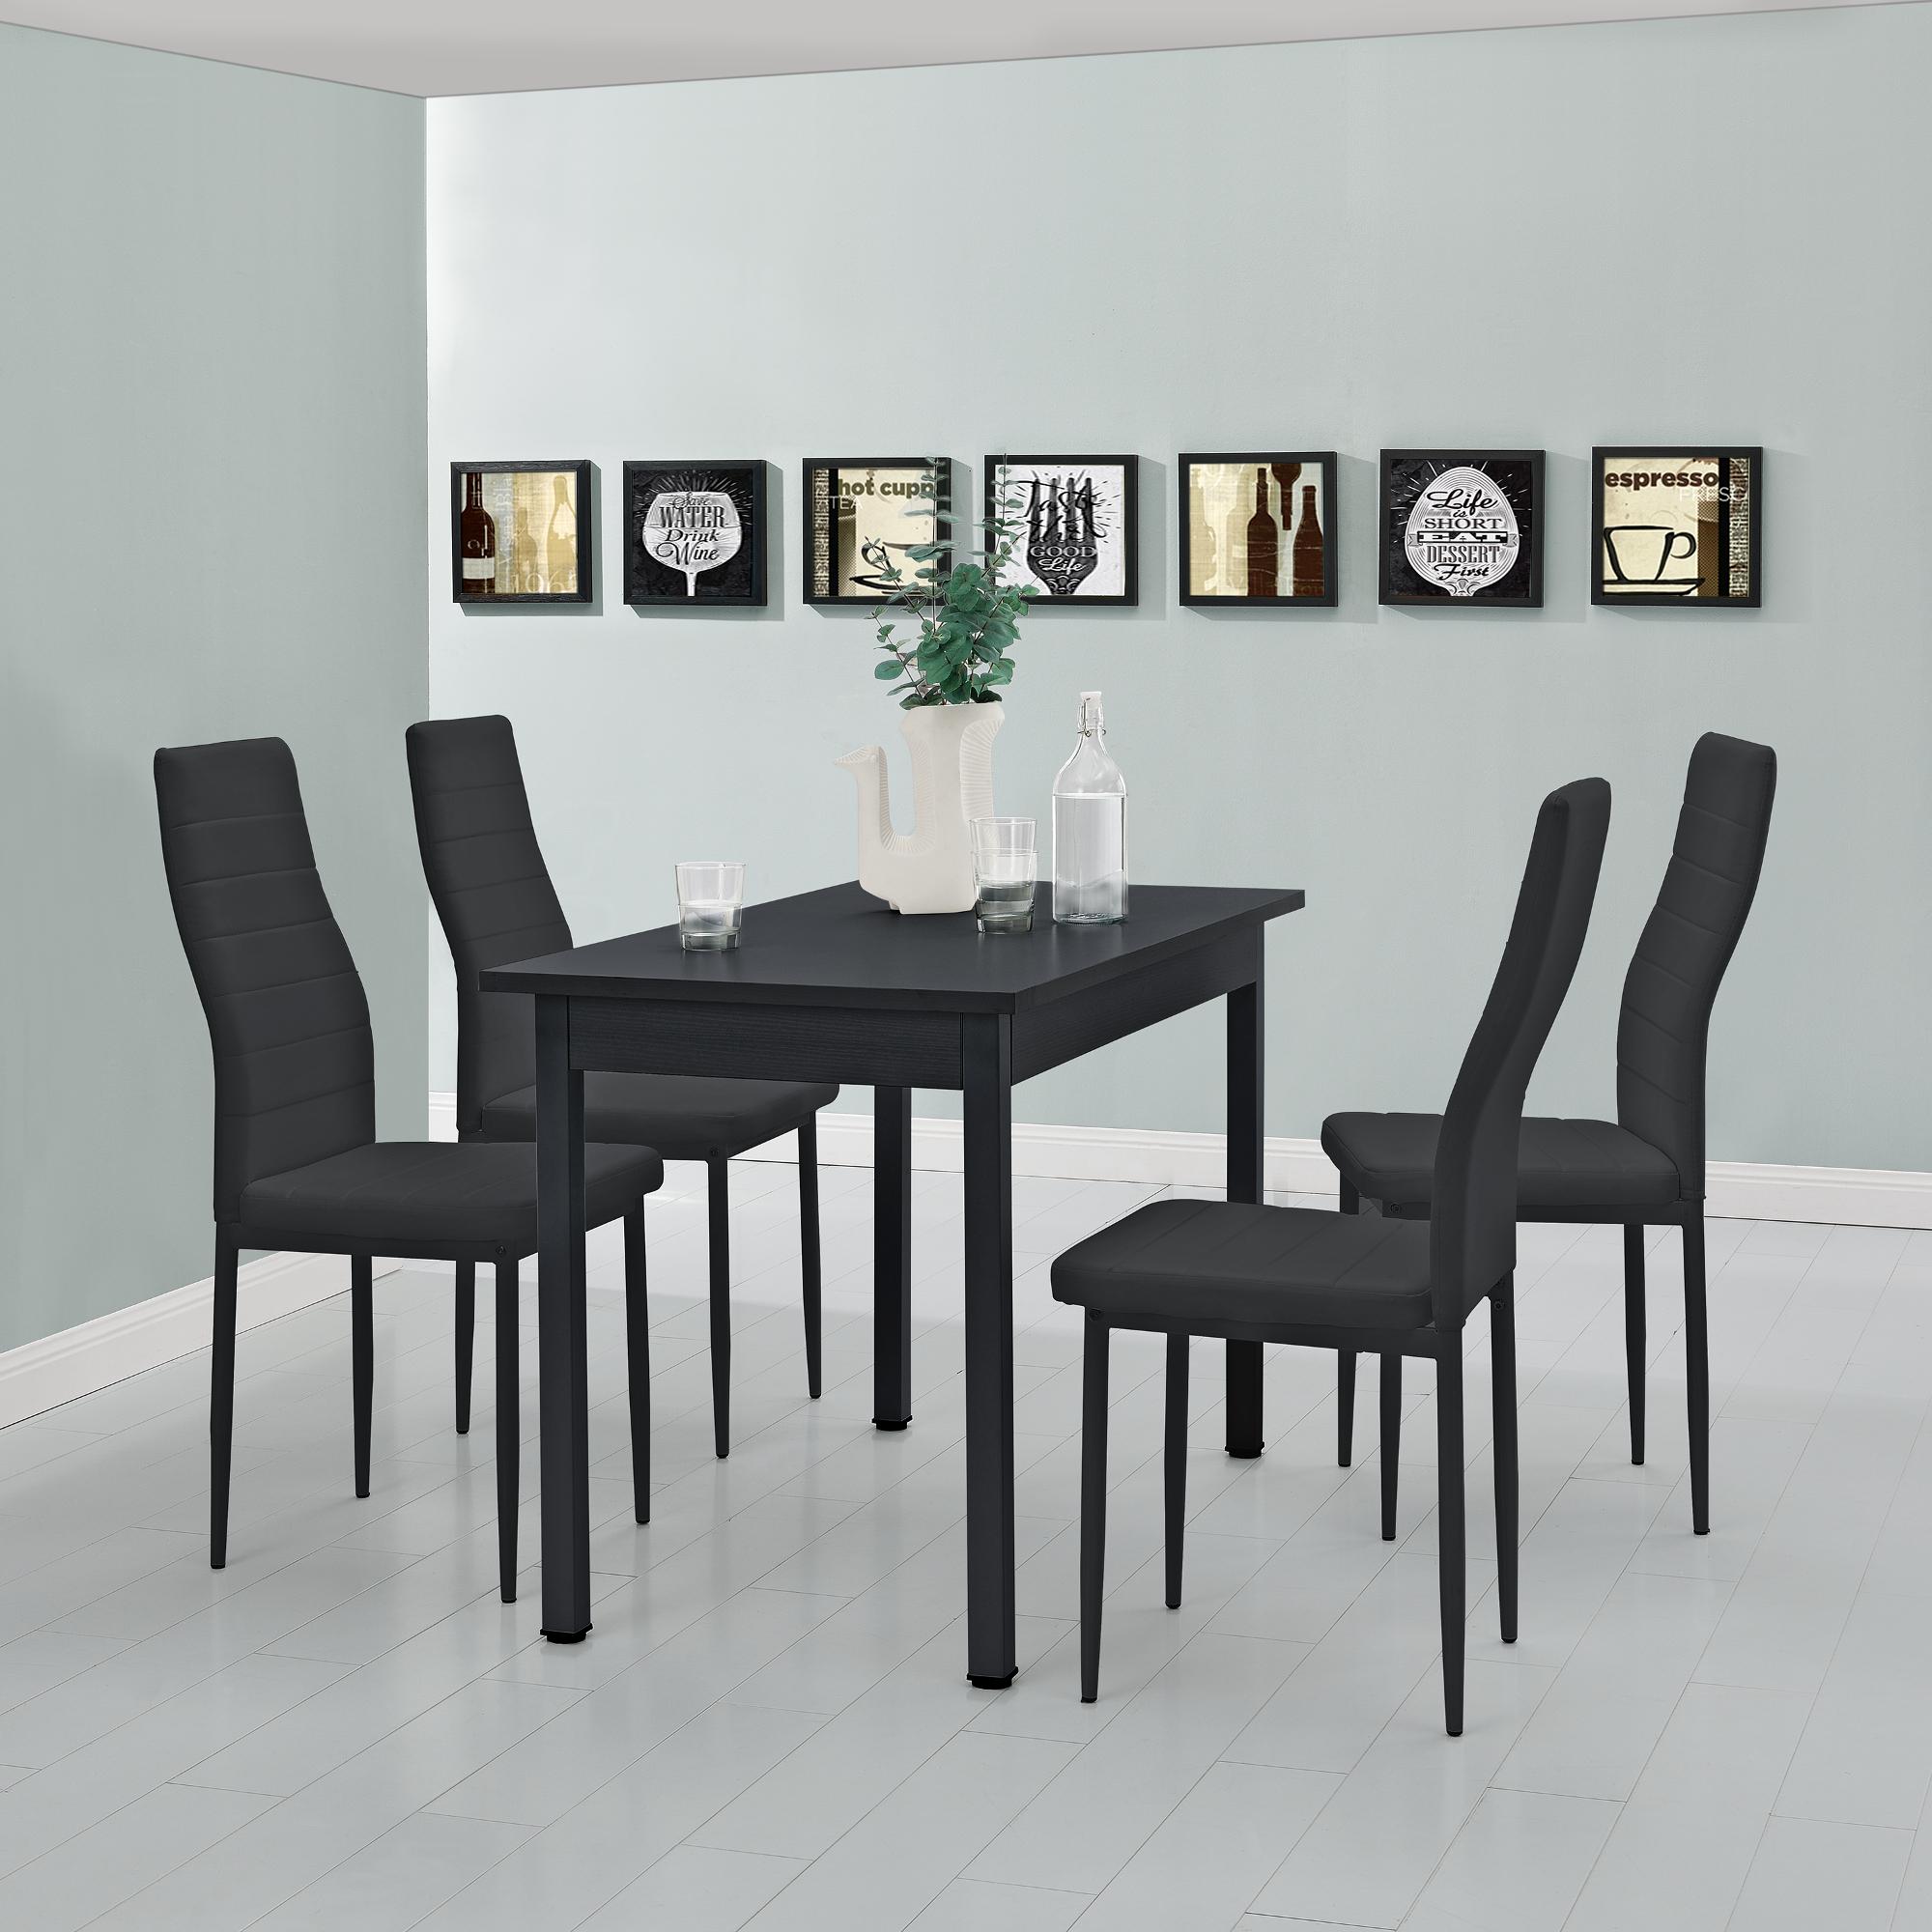 en.casa]® Esstisch mit 4 Stühlen schwarz 120x60cm Küchentisch ...